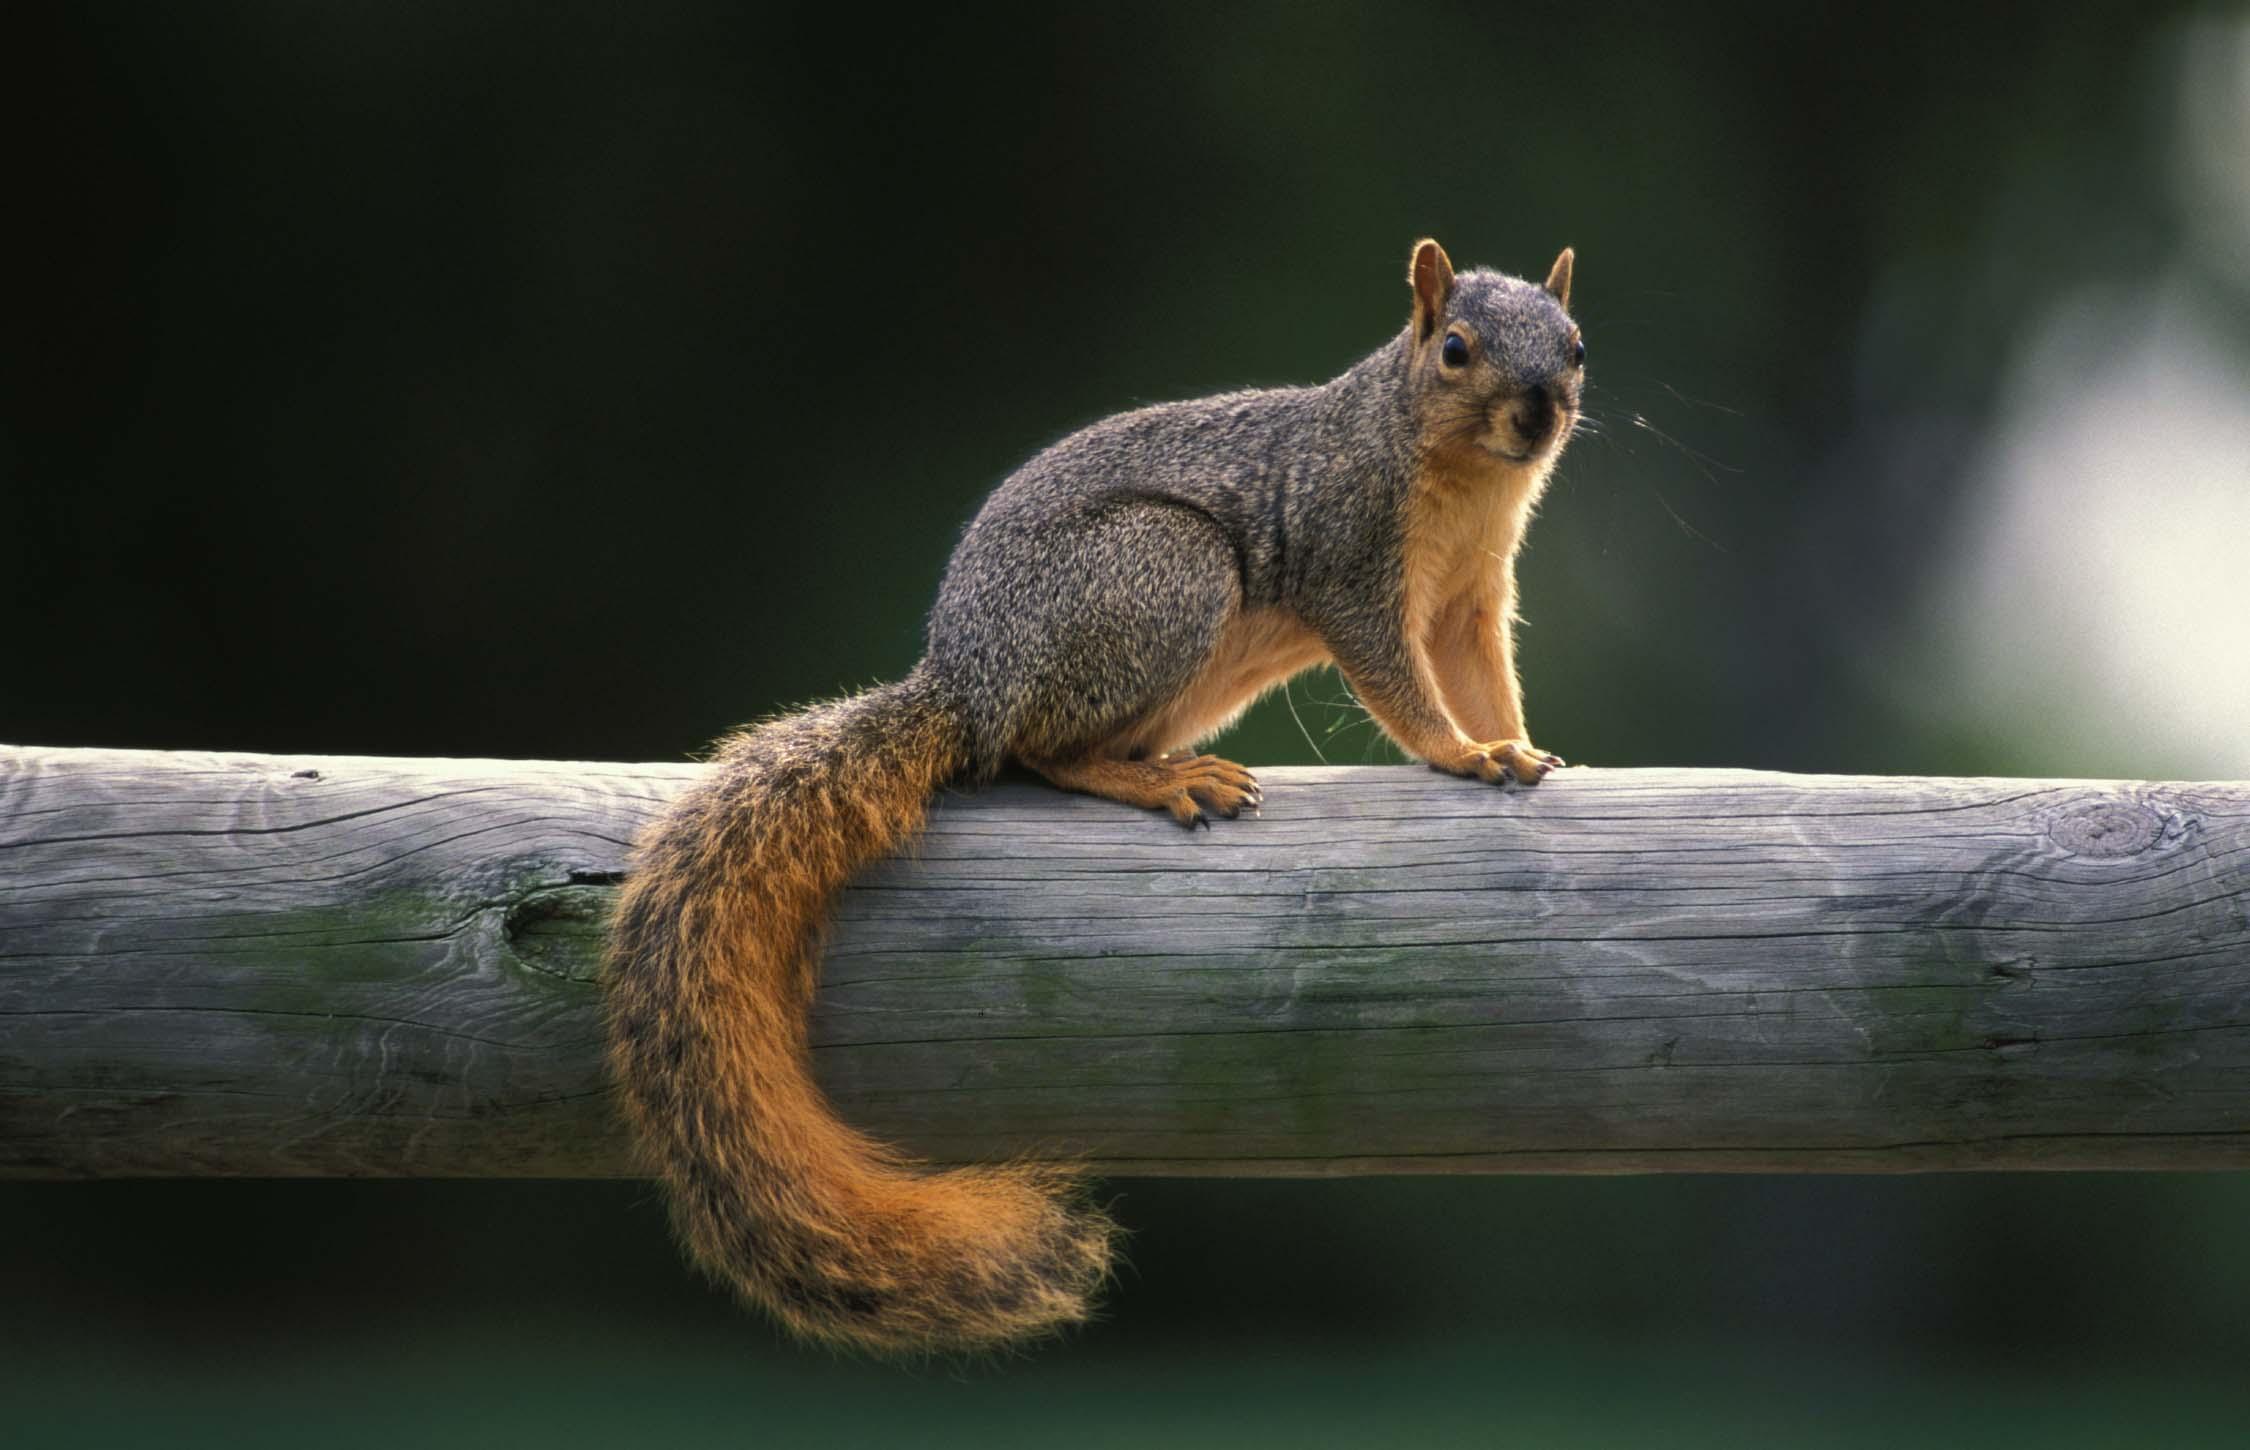 Squirrel Control | Missouri Department of Conservation